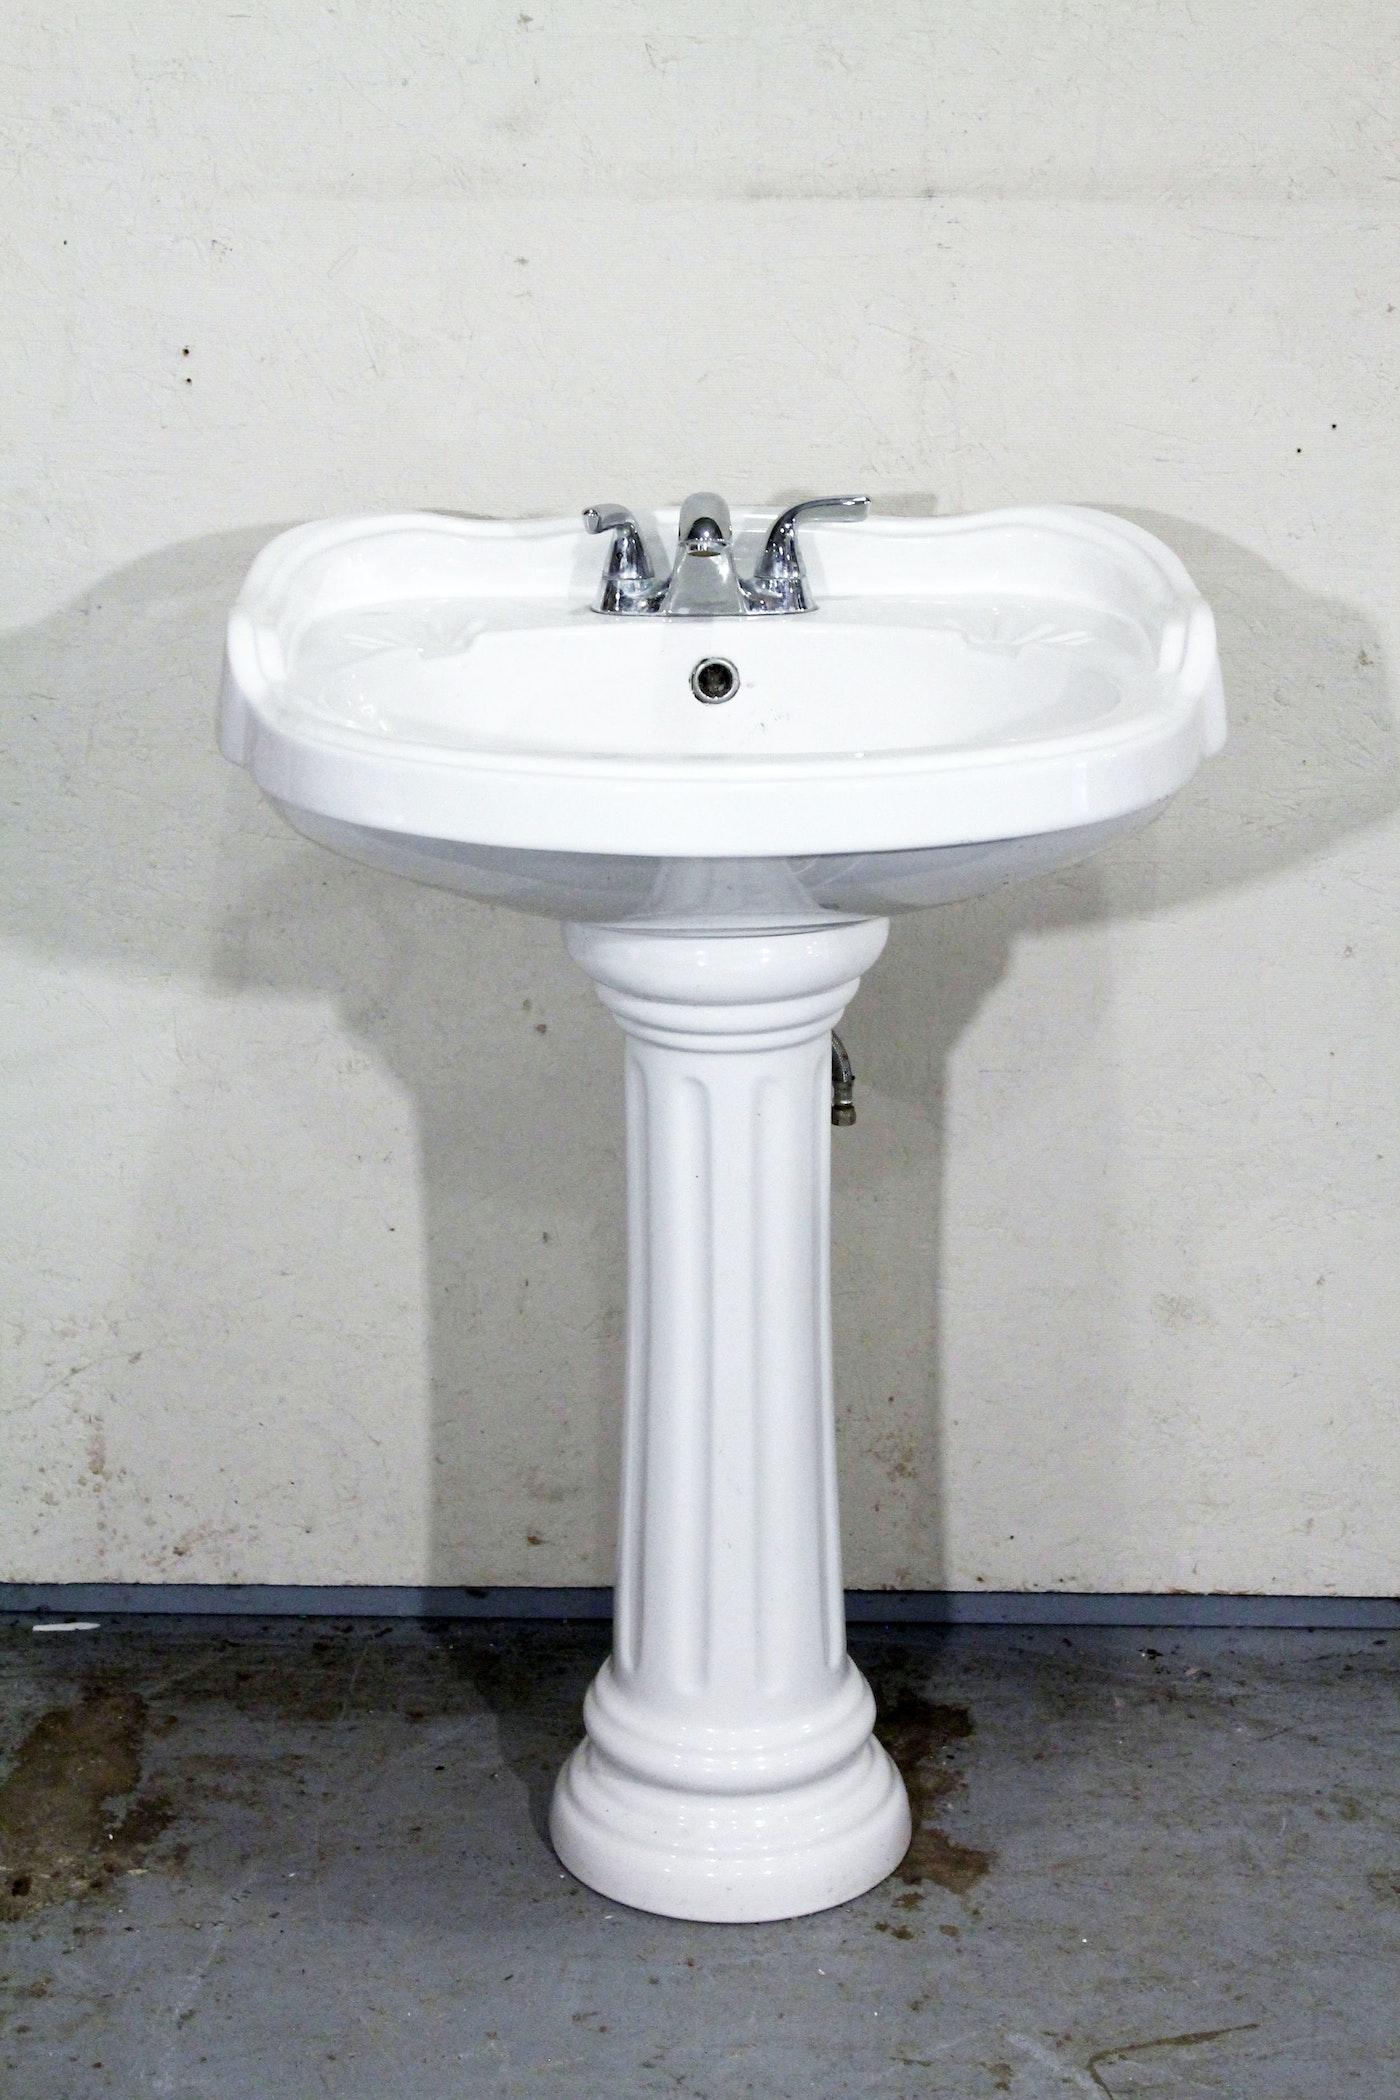 Mancesa Porcelain Sink Ebth